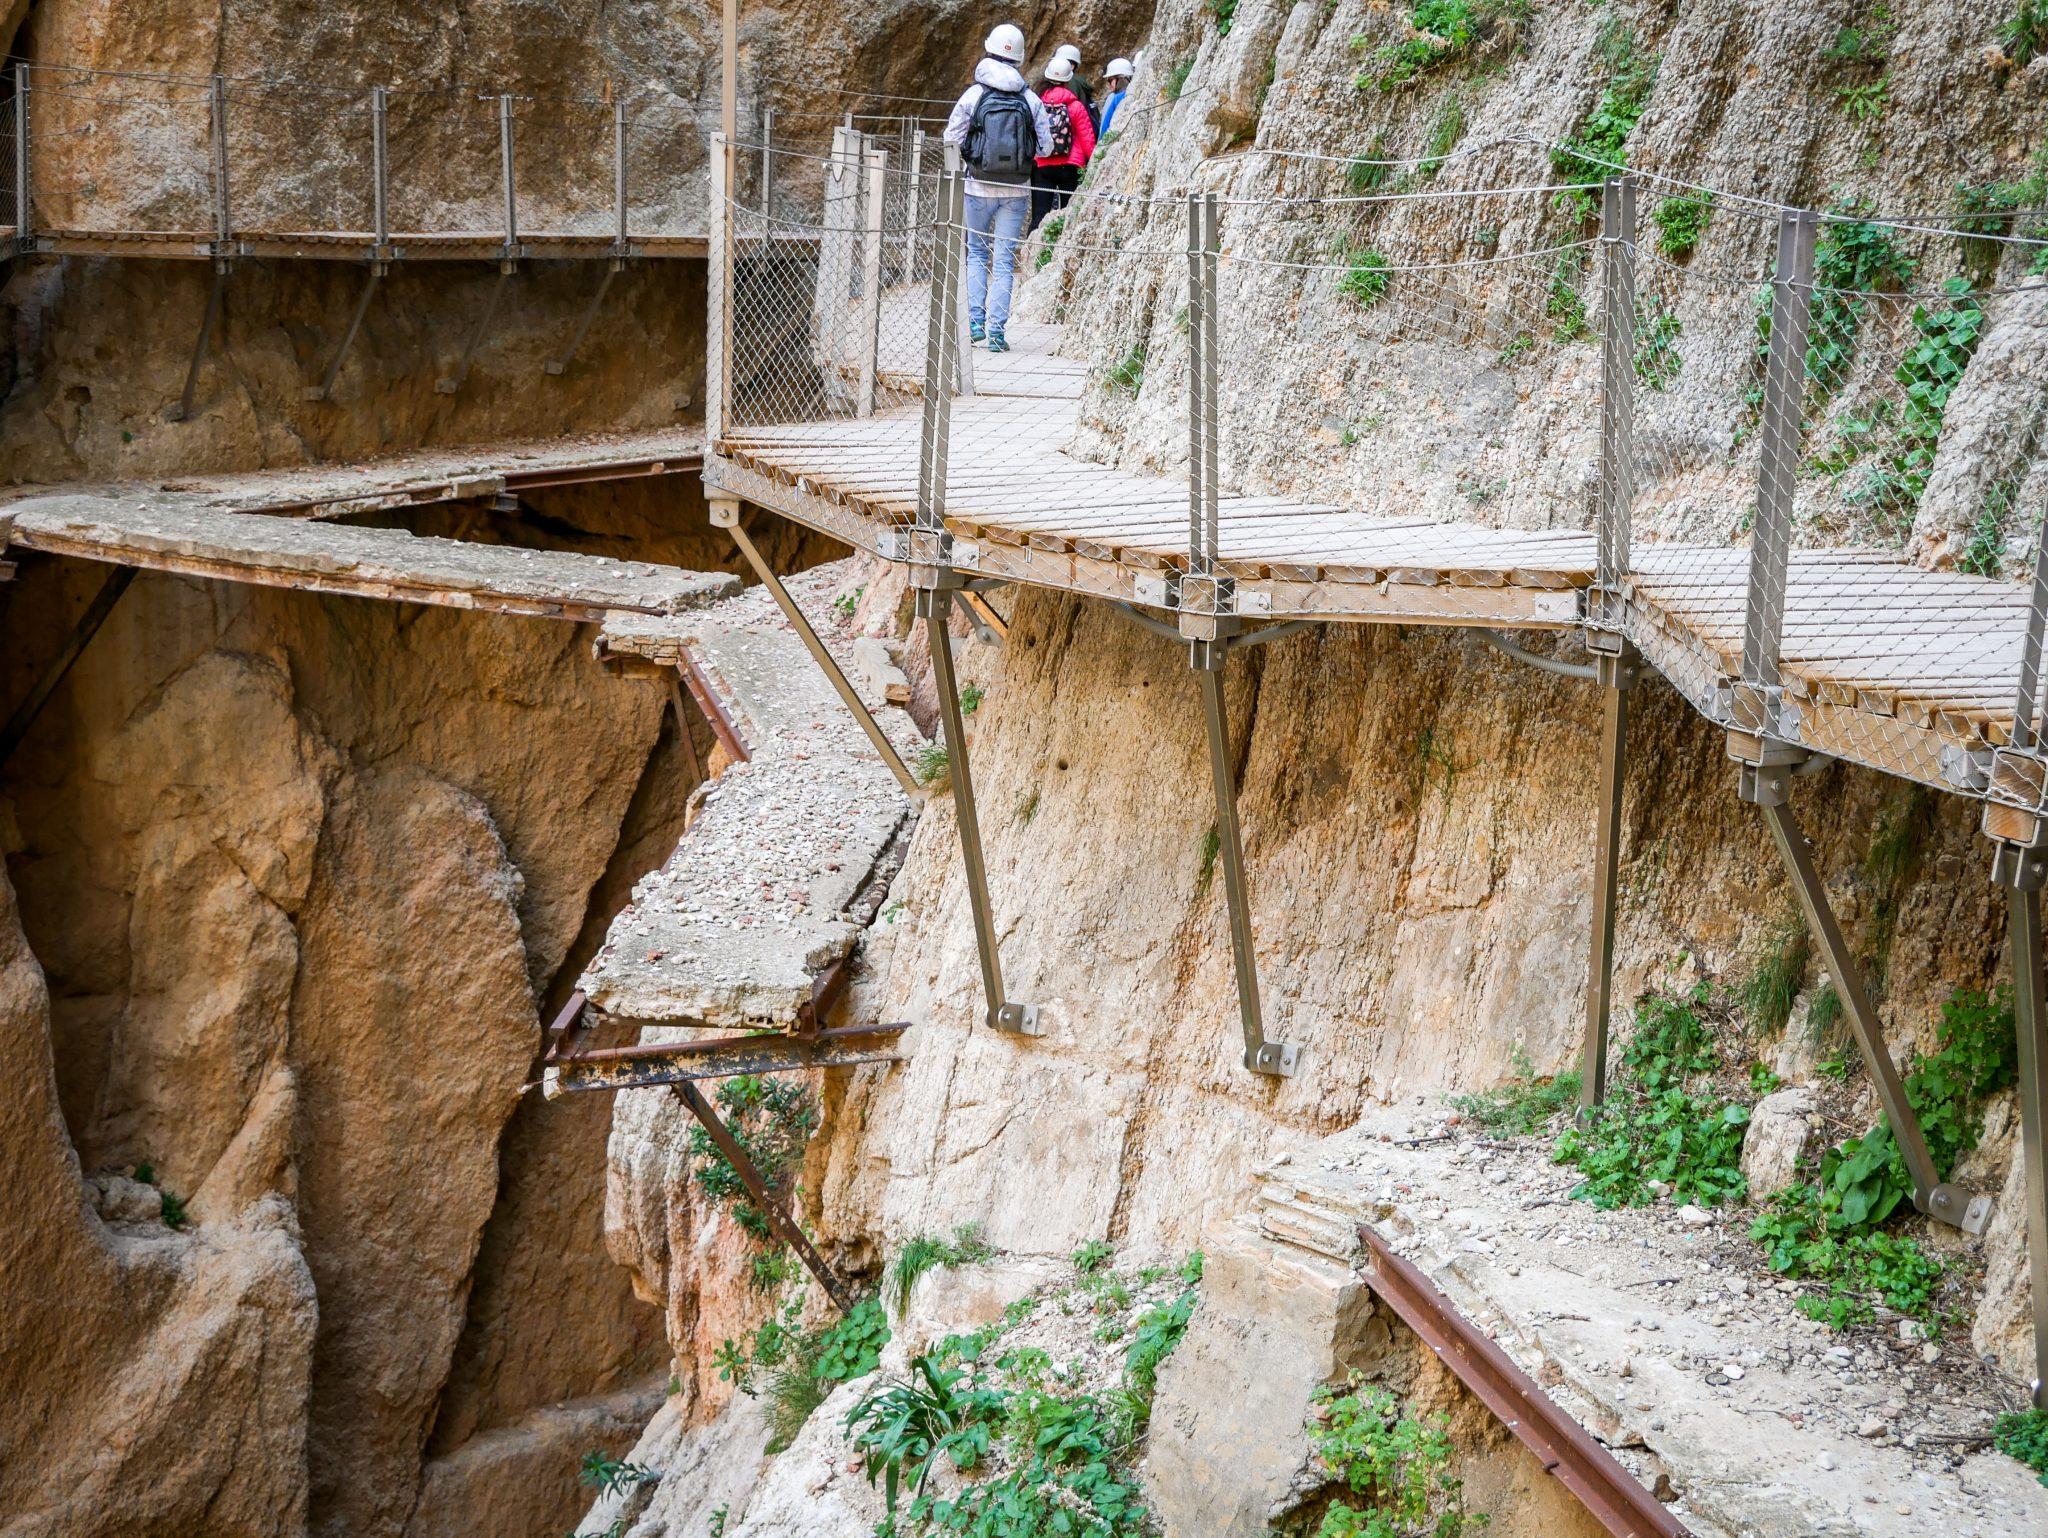 Caminito del Rey, Andalusien, Spanien: Die alten Wege kann man immer noch bestaunen, es ist Wahnsinn, dass nicht noch mehr Menschen dort gestorben sind, teilweise fehlen ganze Stücke!